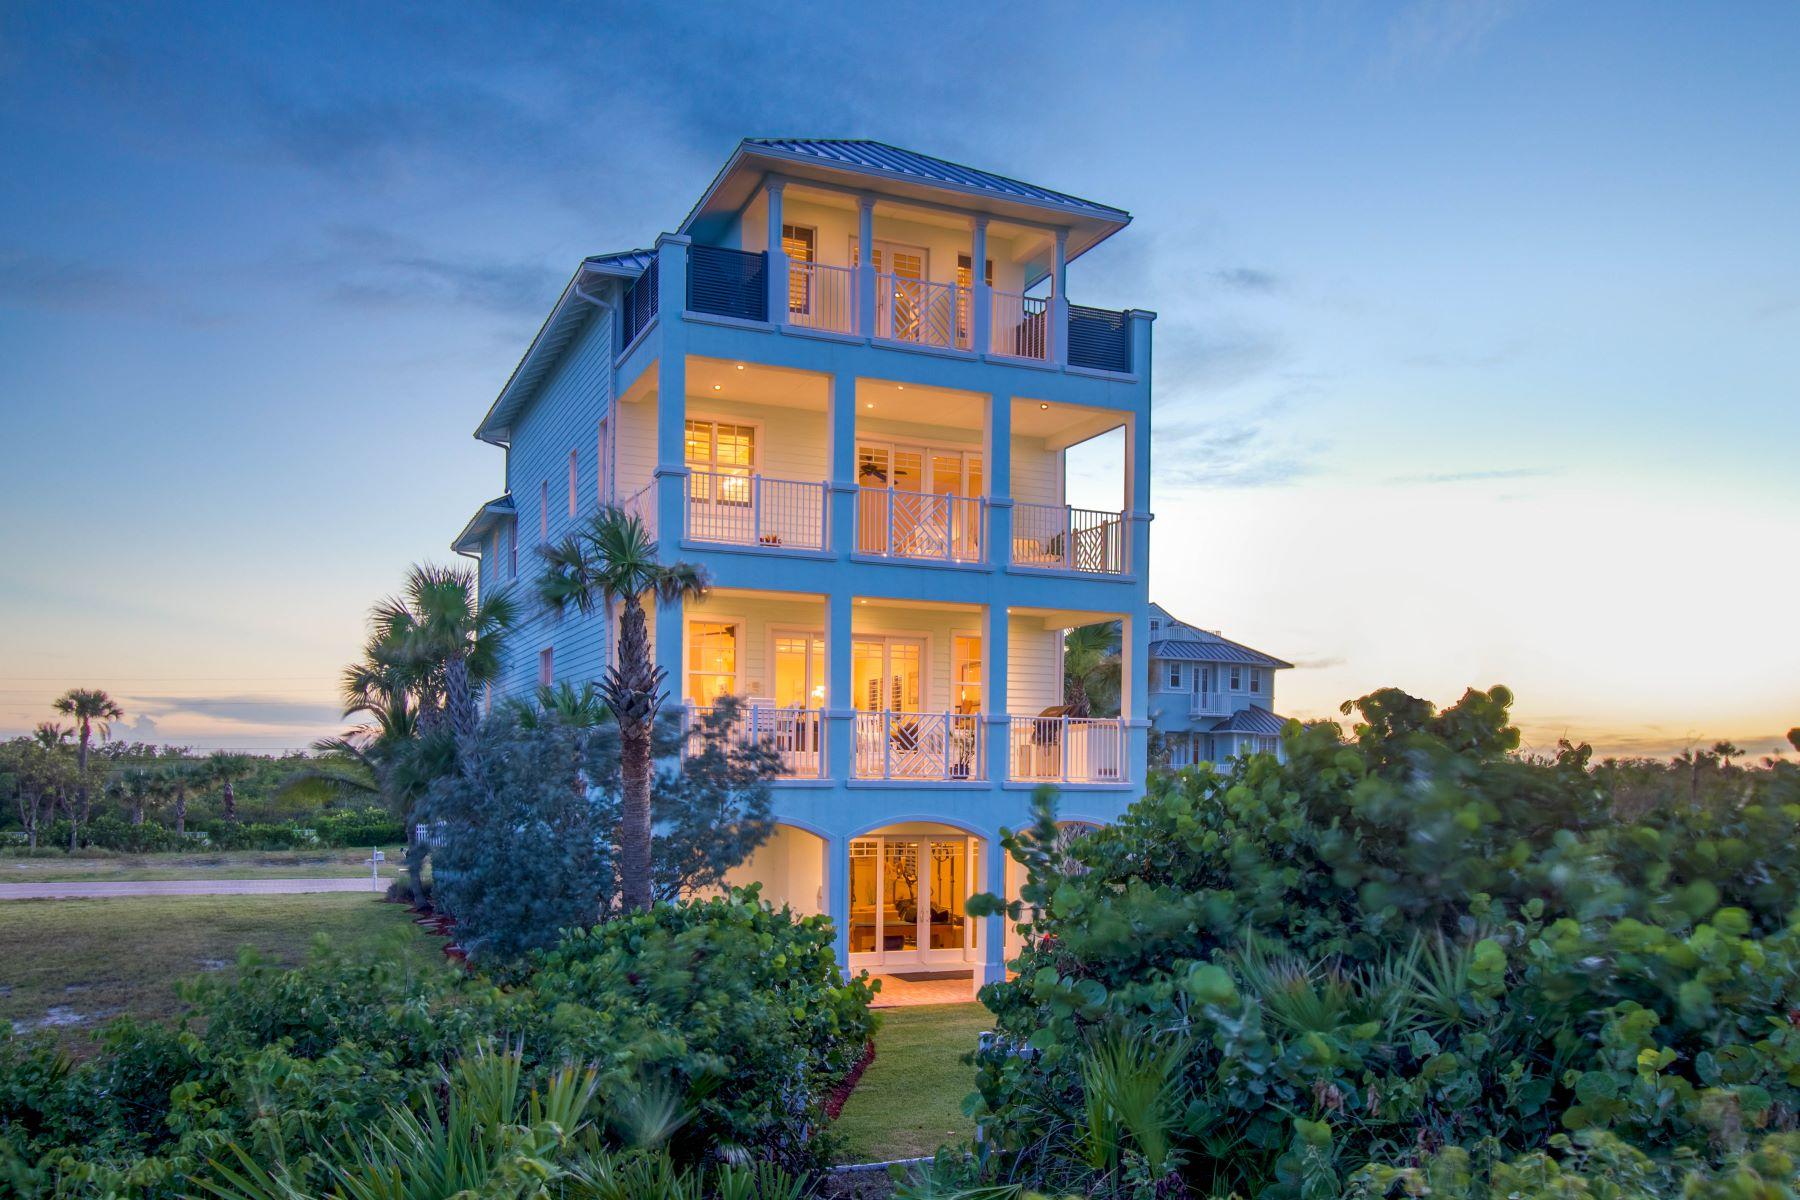 独户住宅 为 销售 在 4844 Watersong Way 哈钦森岛, 佛罗里达州, 34949 美国